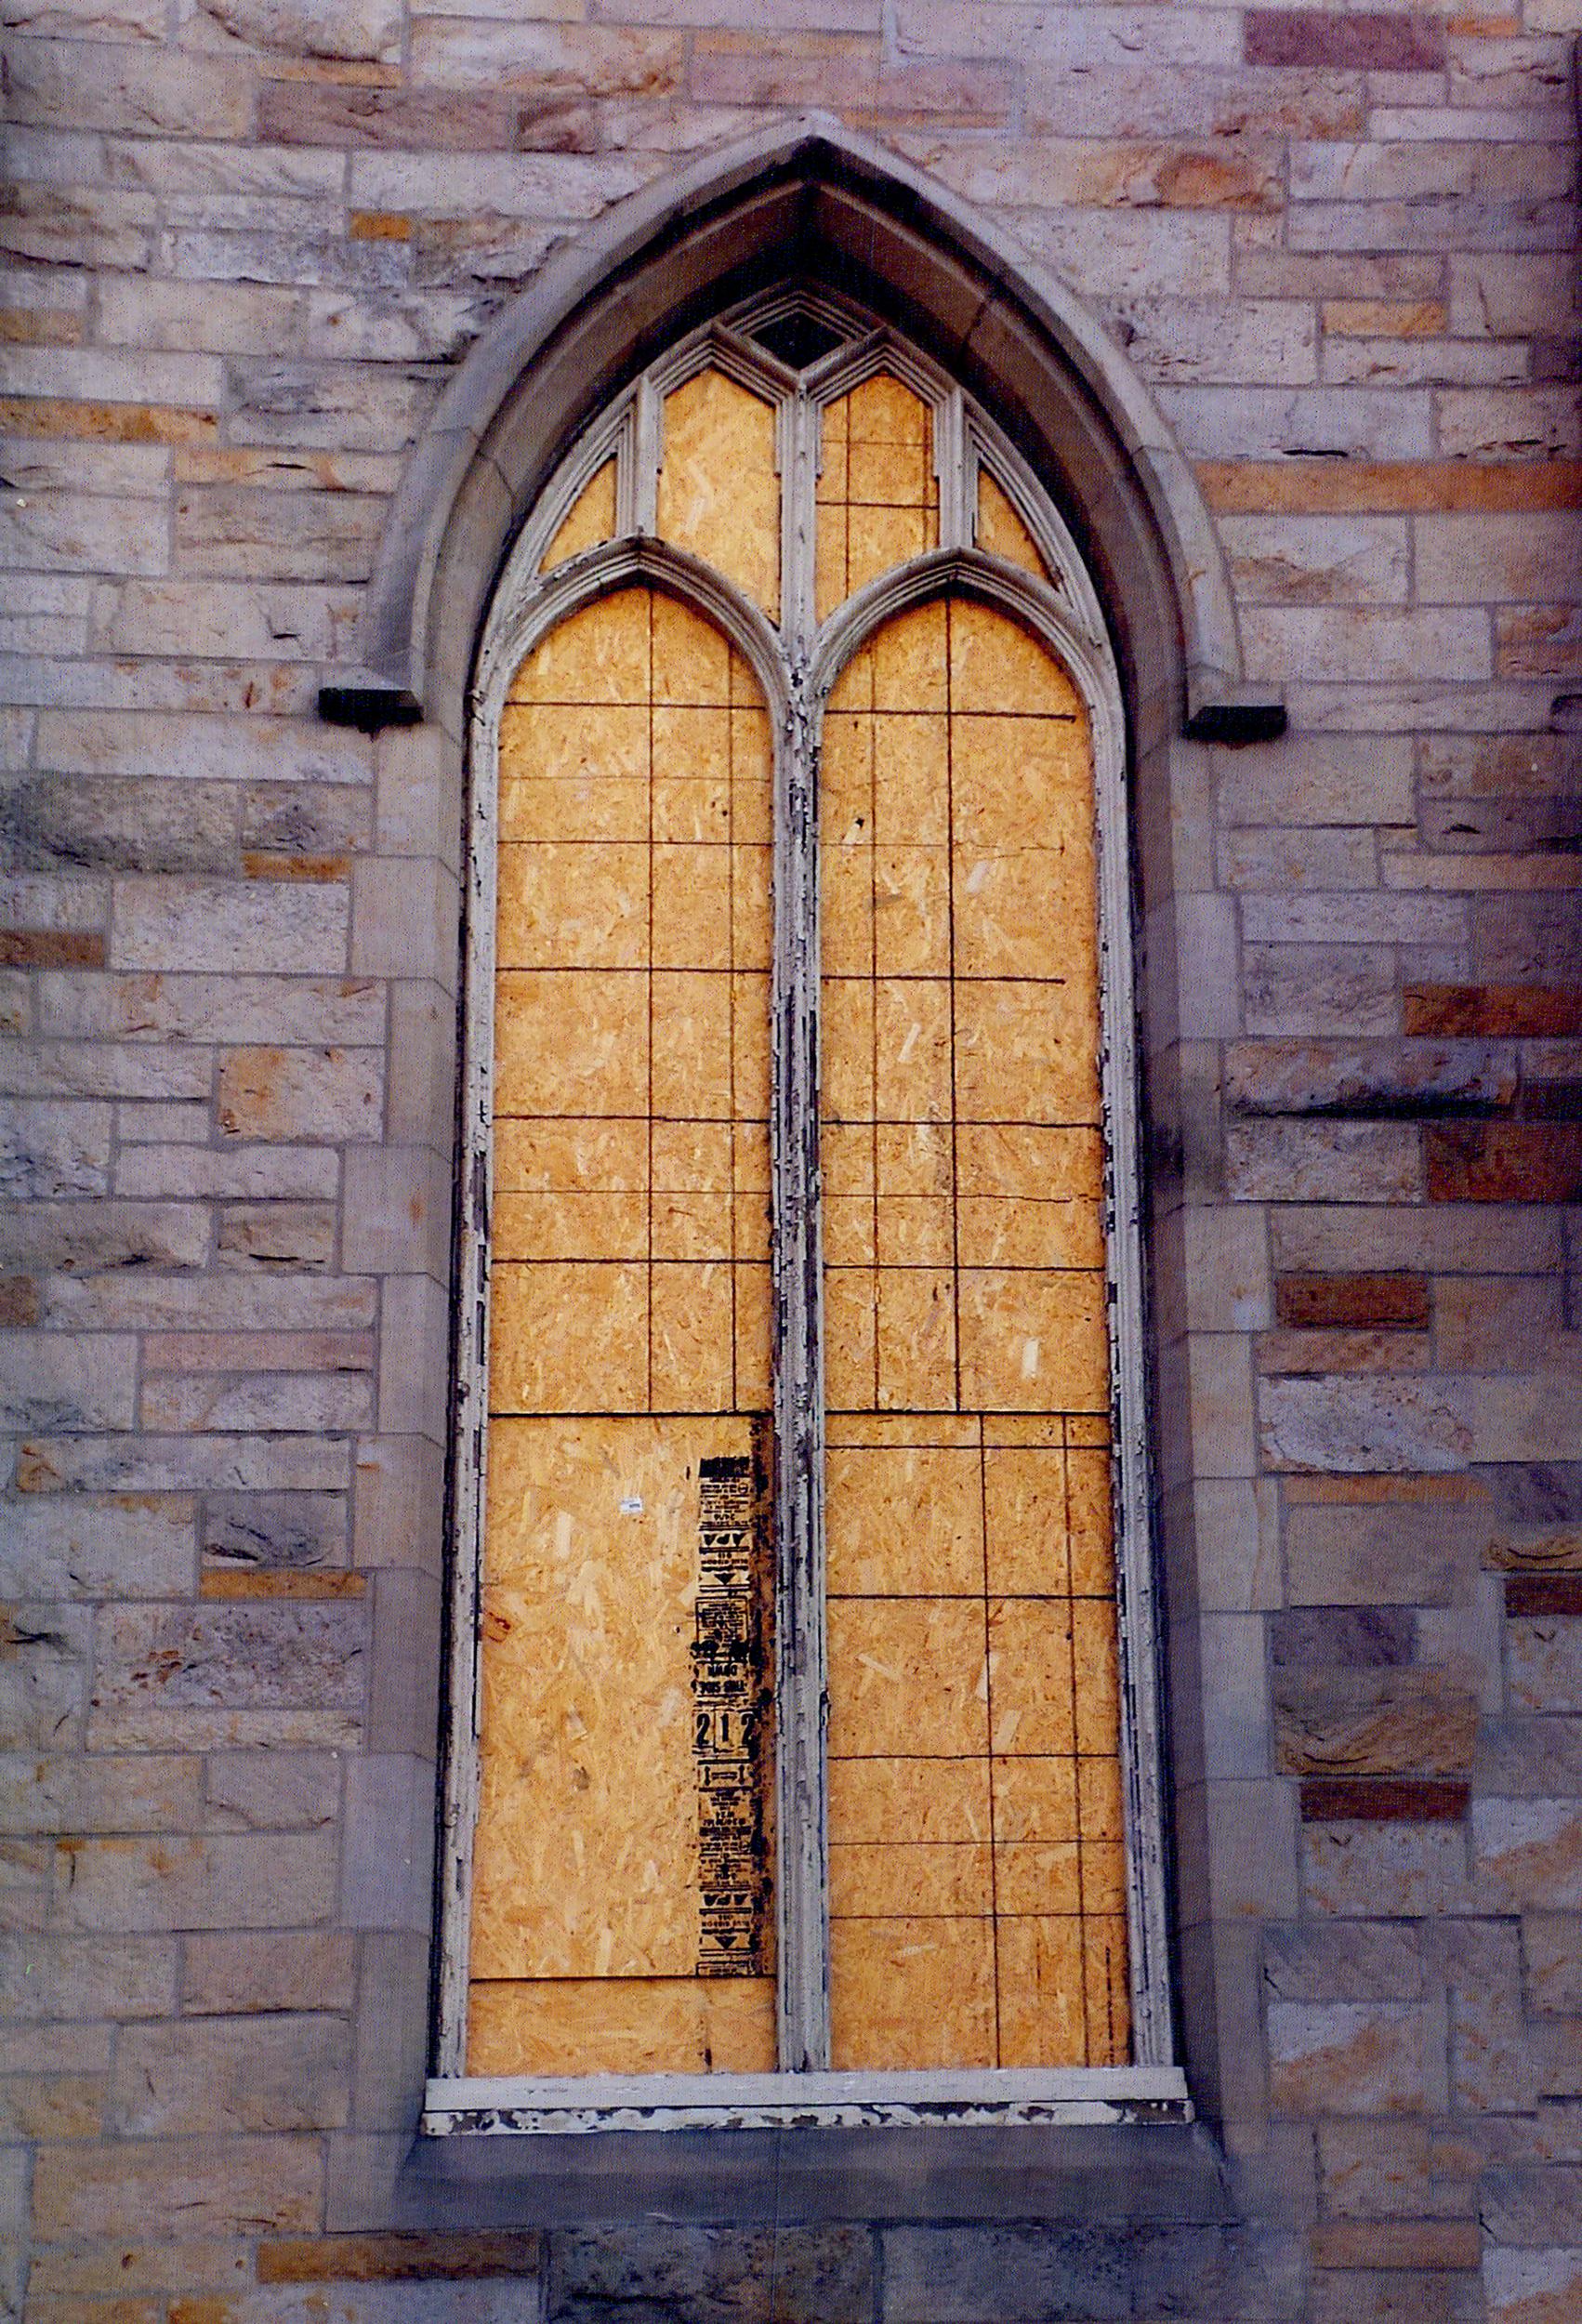 MountVernon_CathedralWindowFrameBefore.jpg